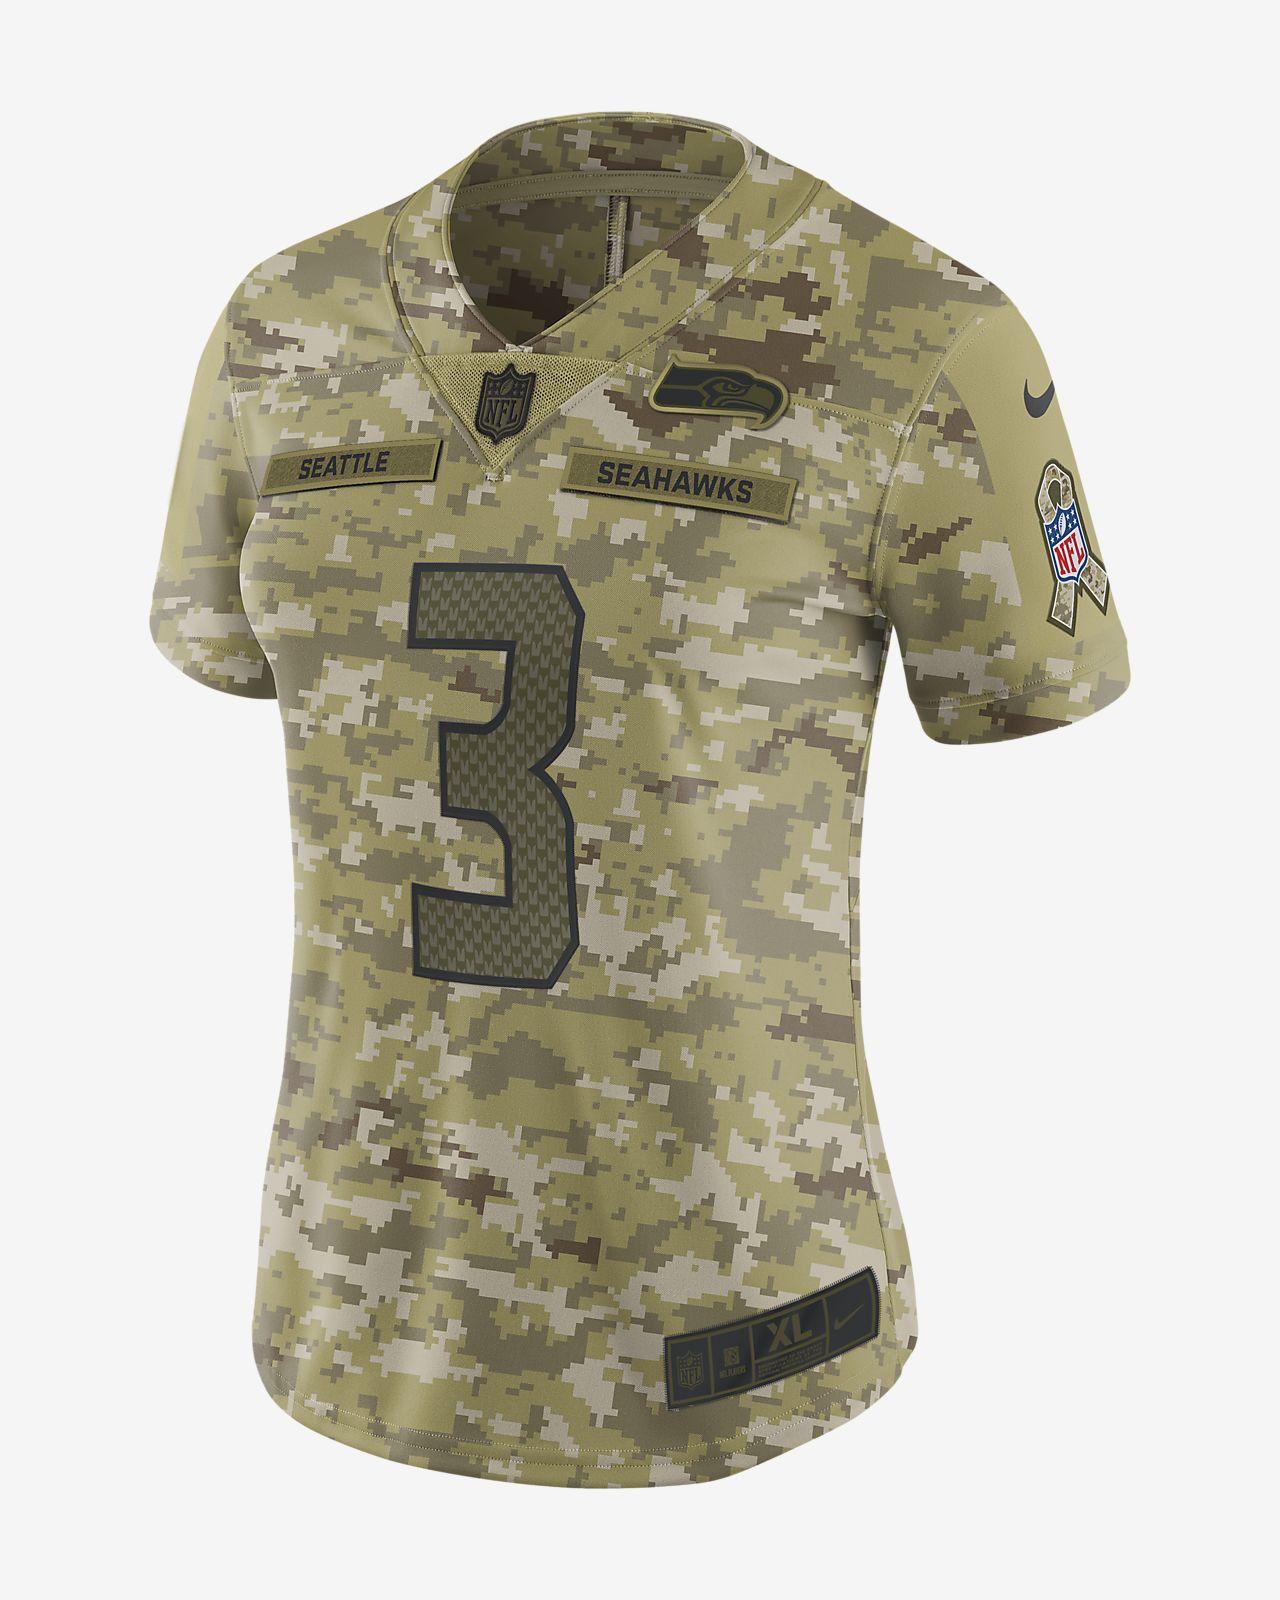 e00b17022 Women s Football Jersey. NFL Seattle Seahawks Limited (Russell Wilson)